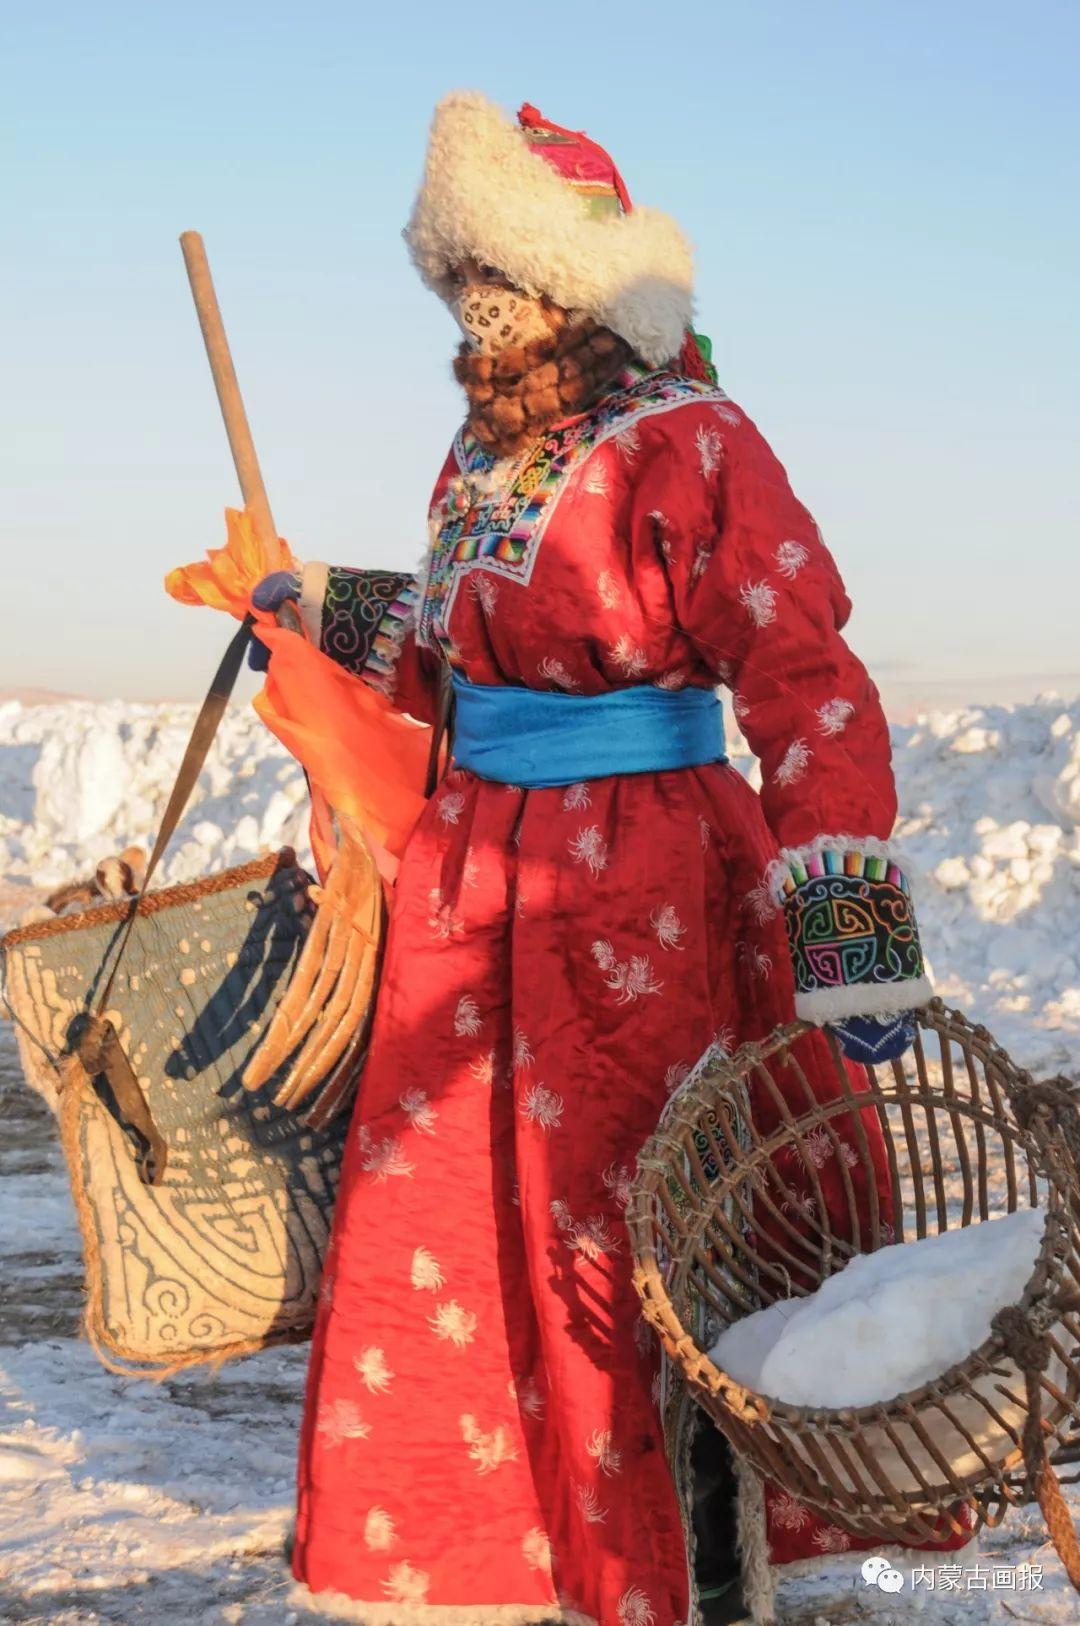 寒冷冬日,蒙古族是这样防寒的! 第9张 寒冷冬日,蒙古族是这样防寒的! 蒙古服饰